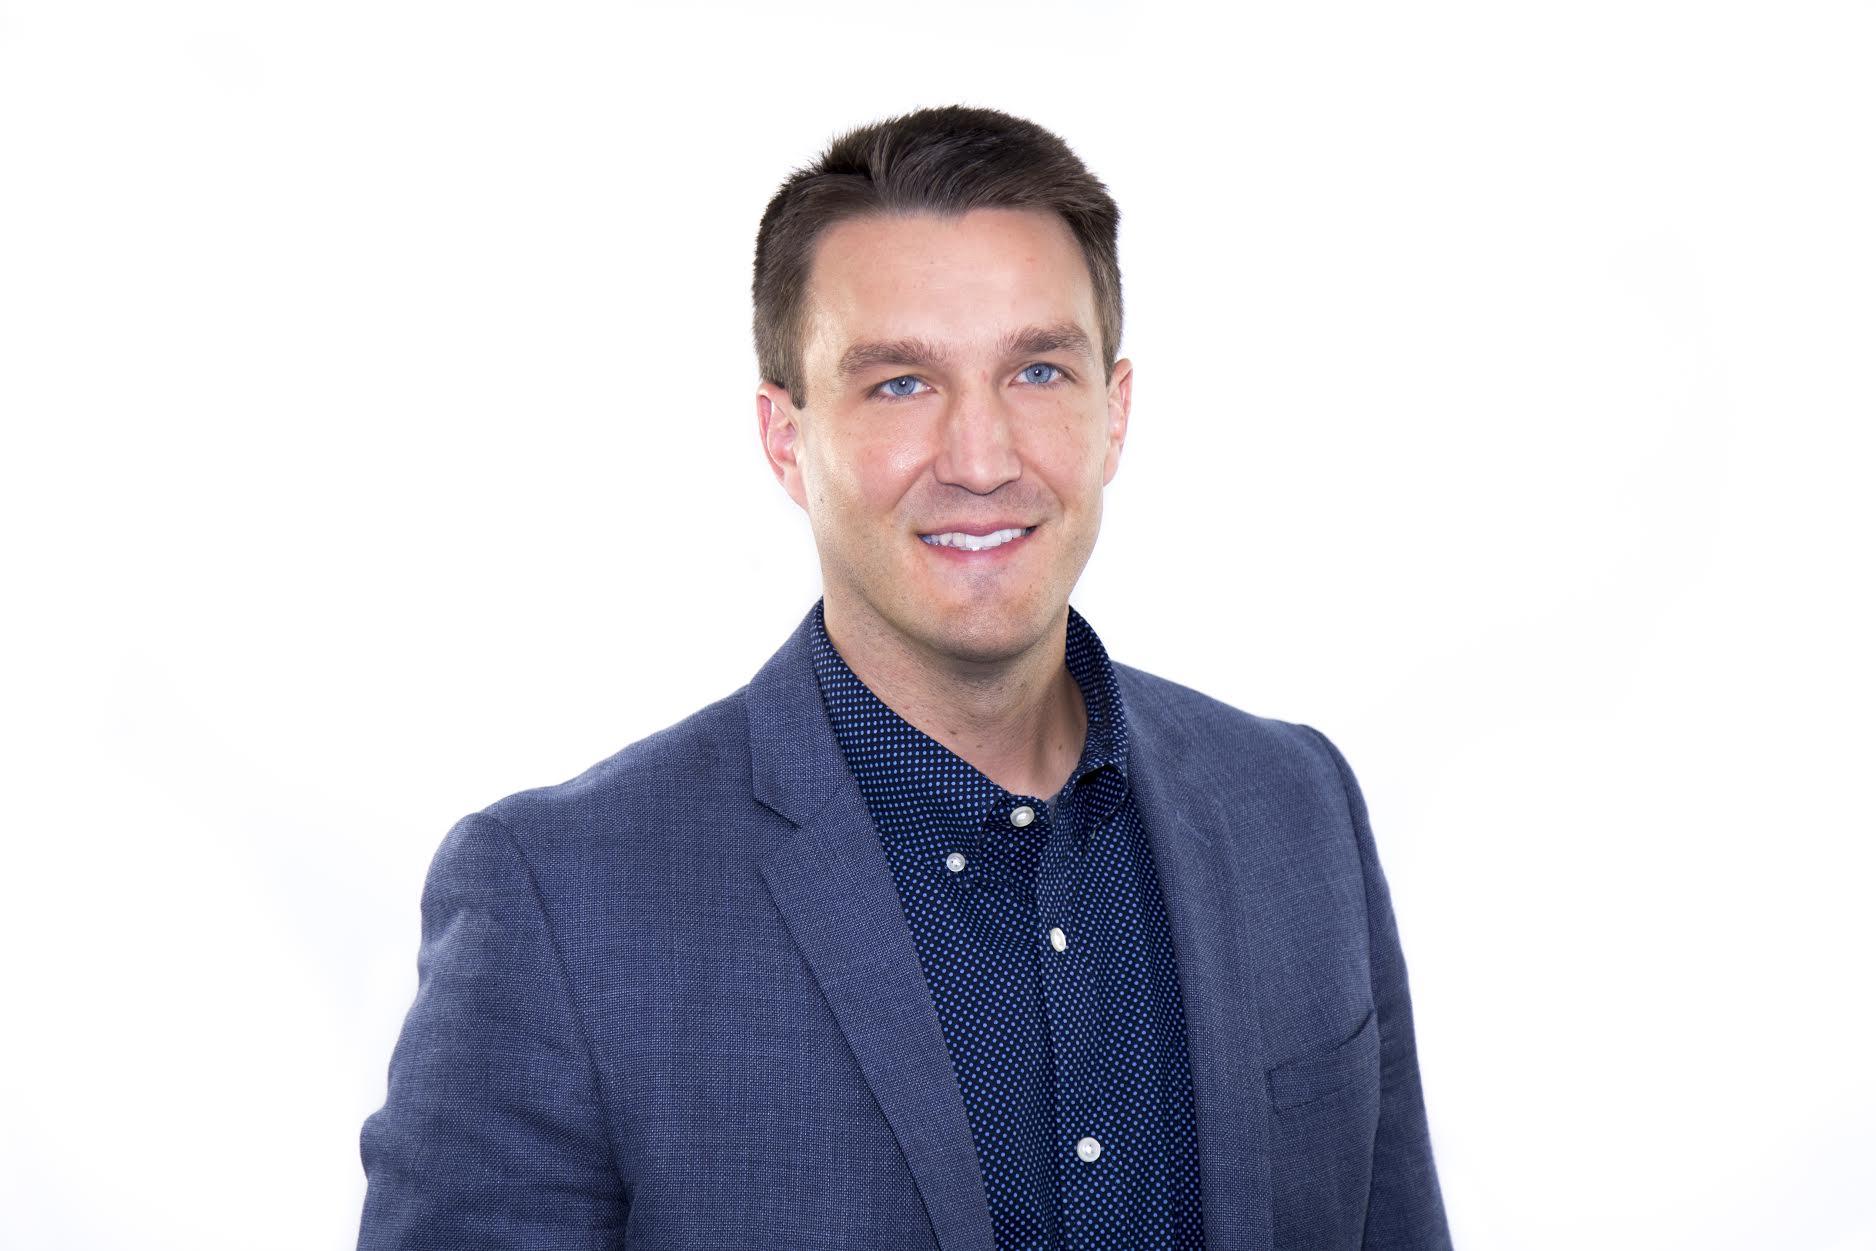 Matt Hensler